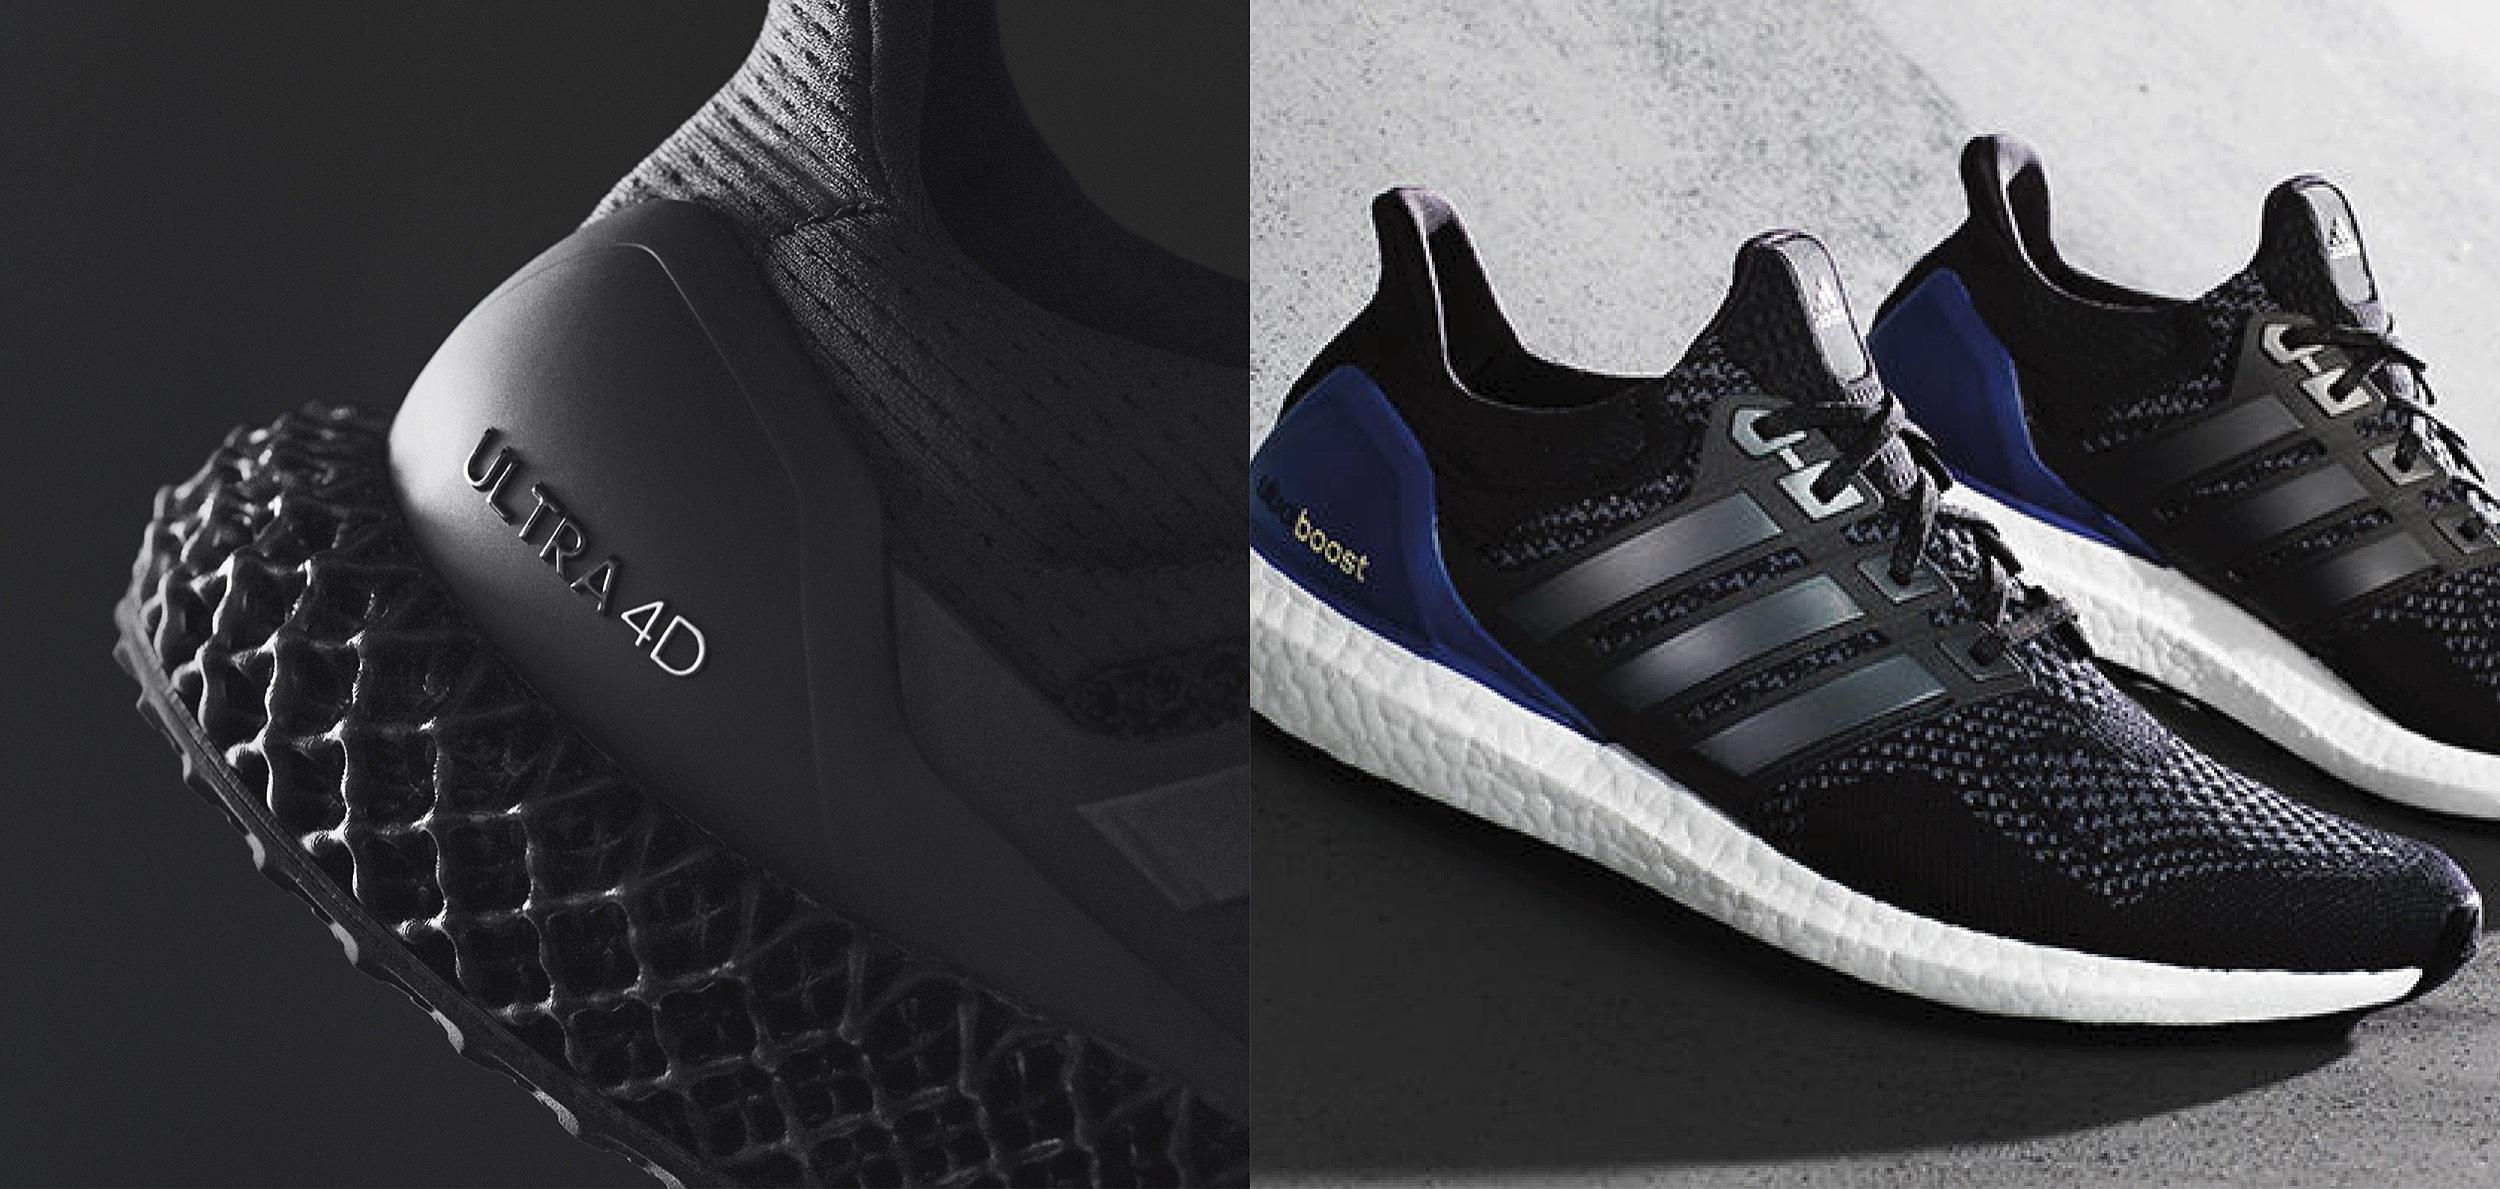 何以成為革命性跑鞋?adidas Ultra Boost 編年演化史!